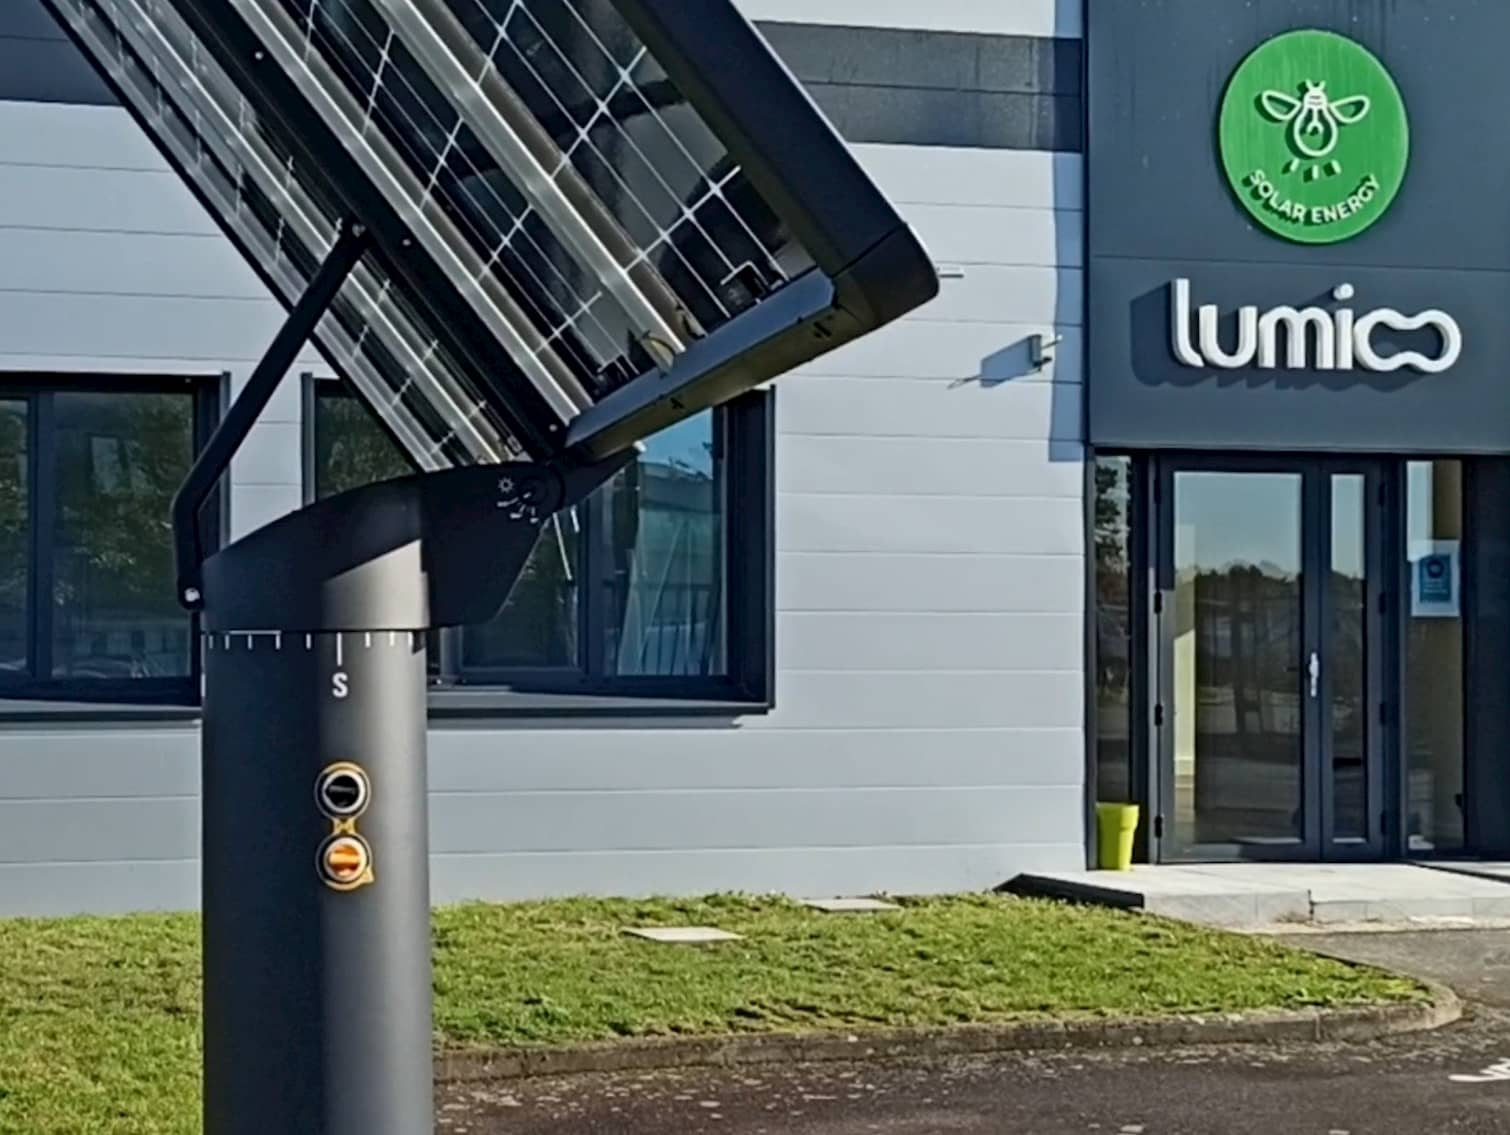 Focus vidéo sur le mât du tracker solaire  Lumioo